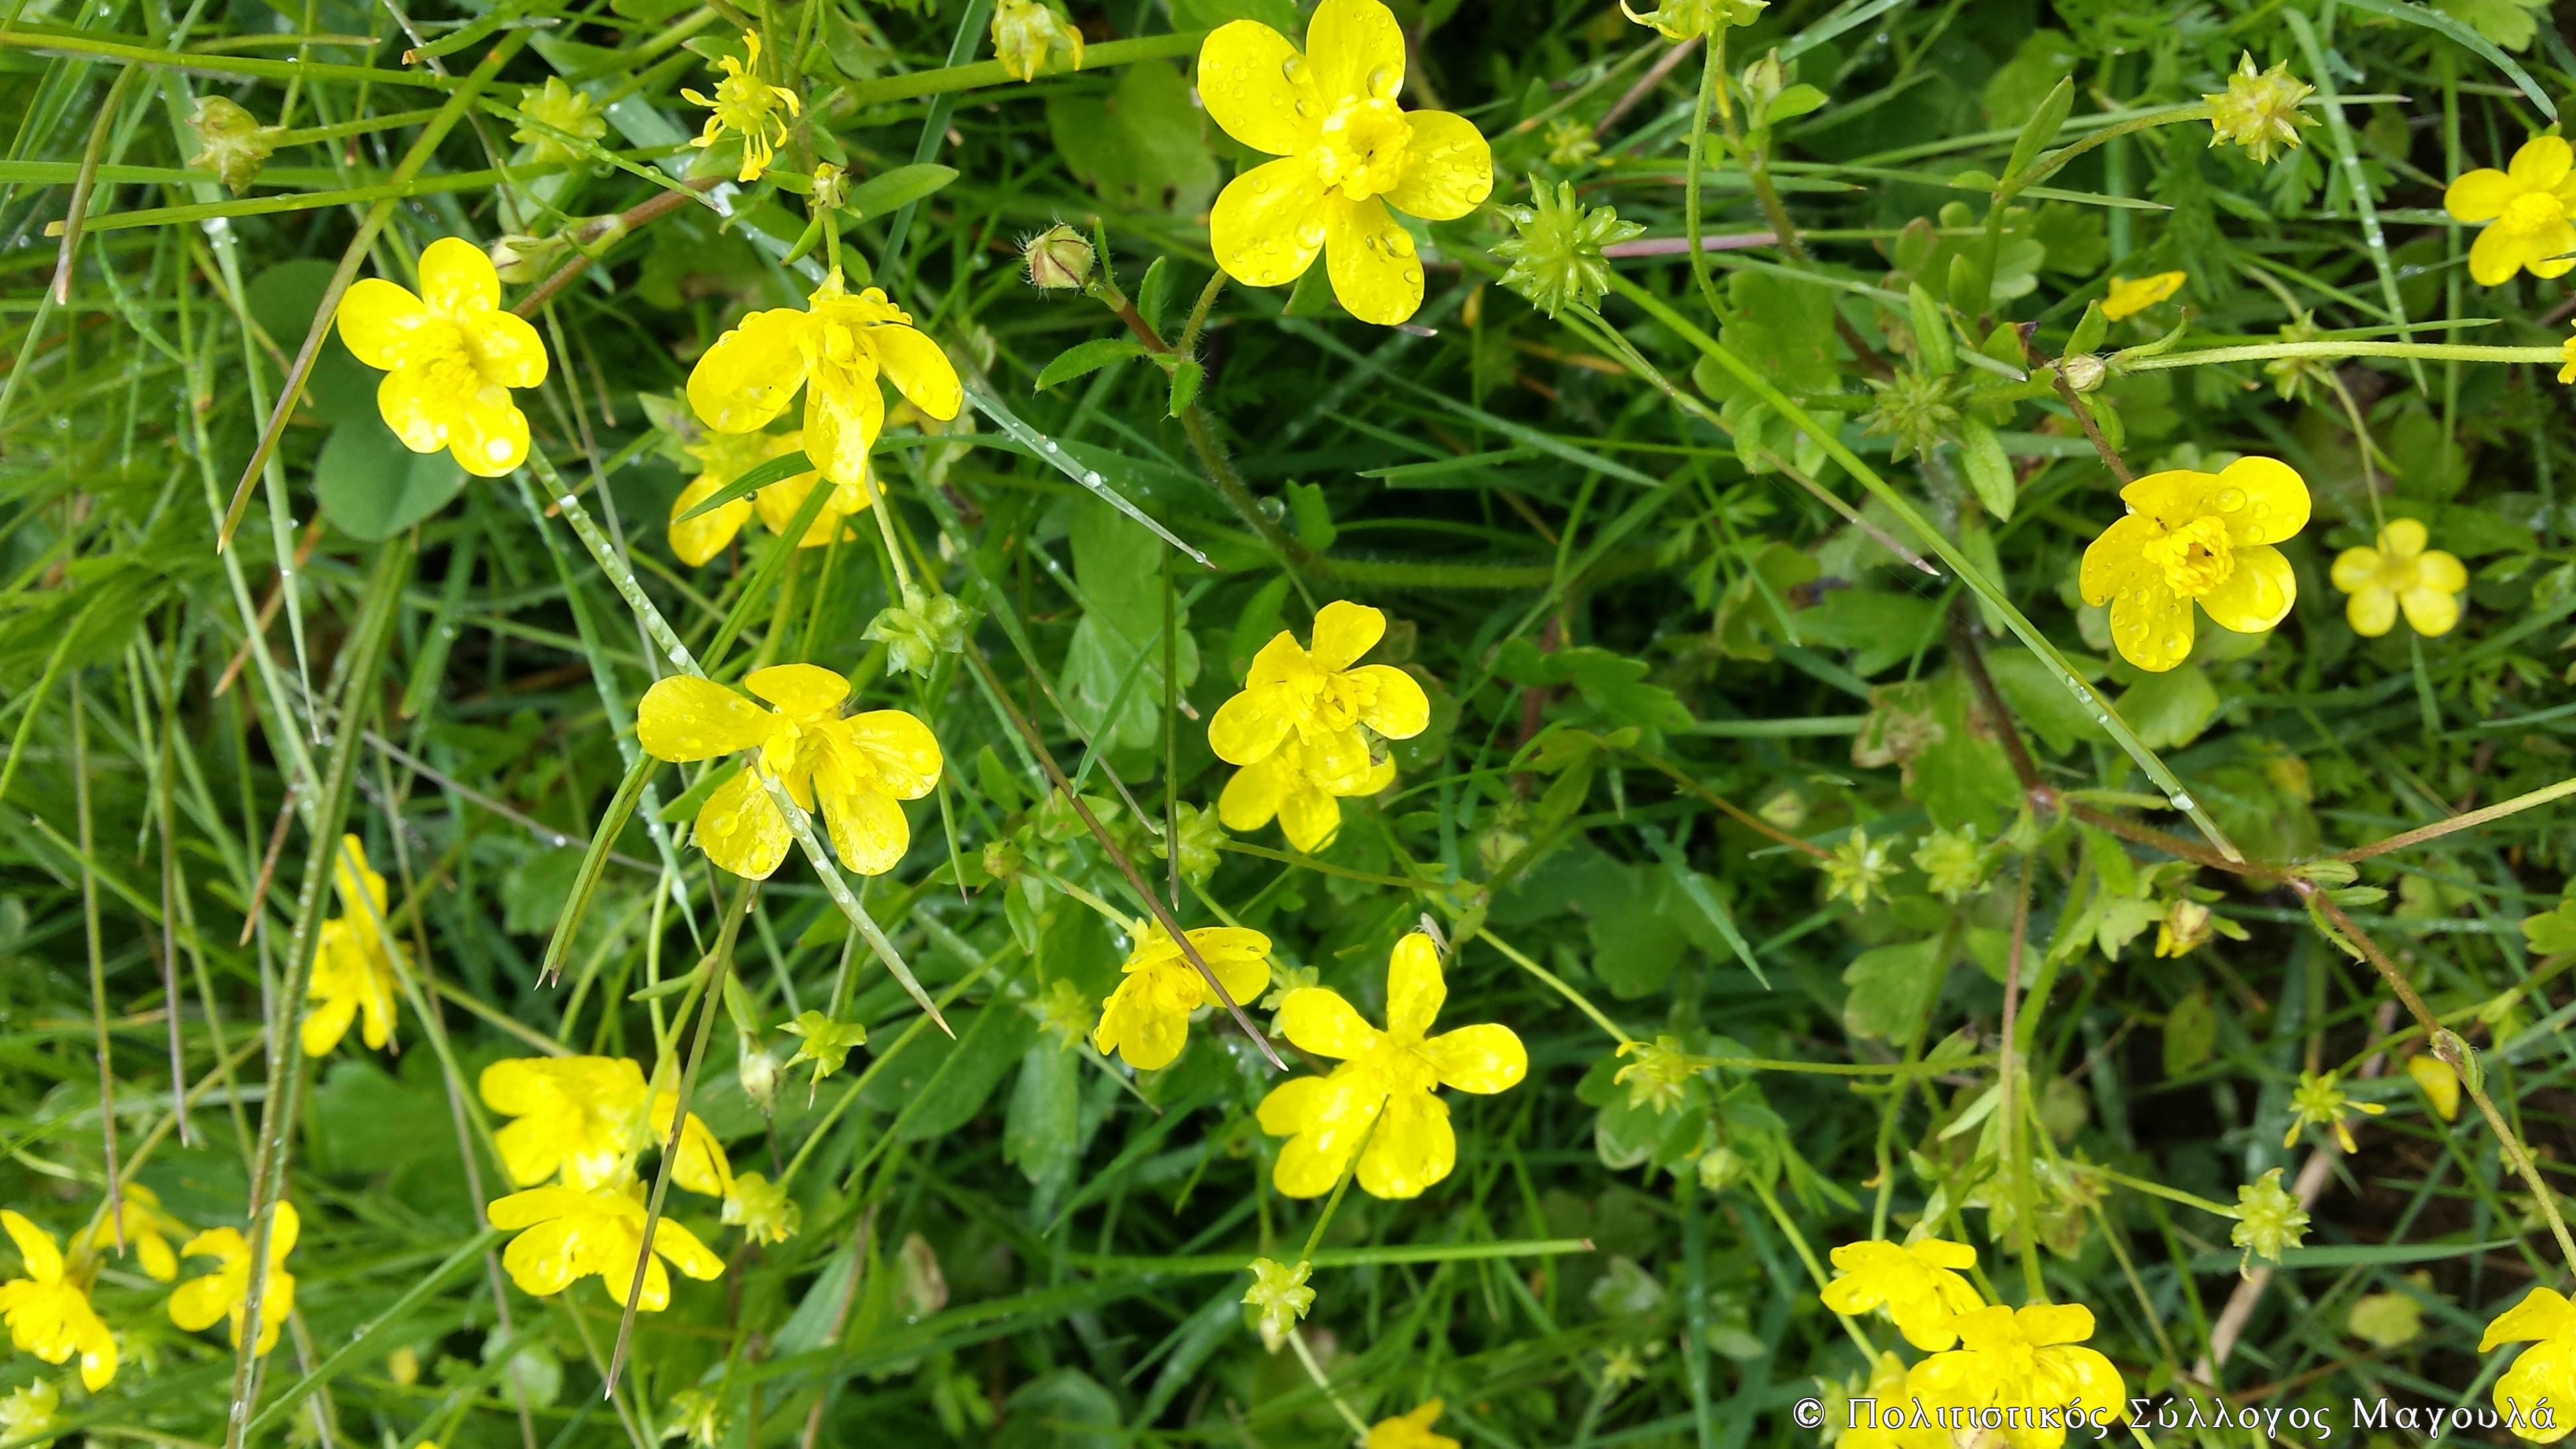 Λουλούδια του κάμπου- Flowers of lasithi plain